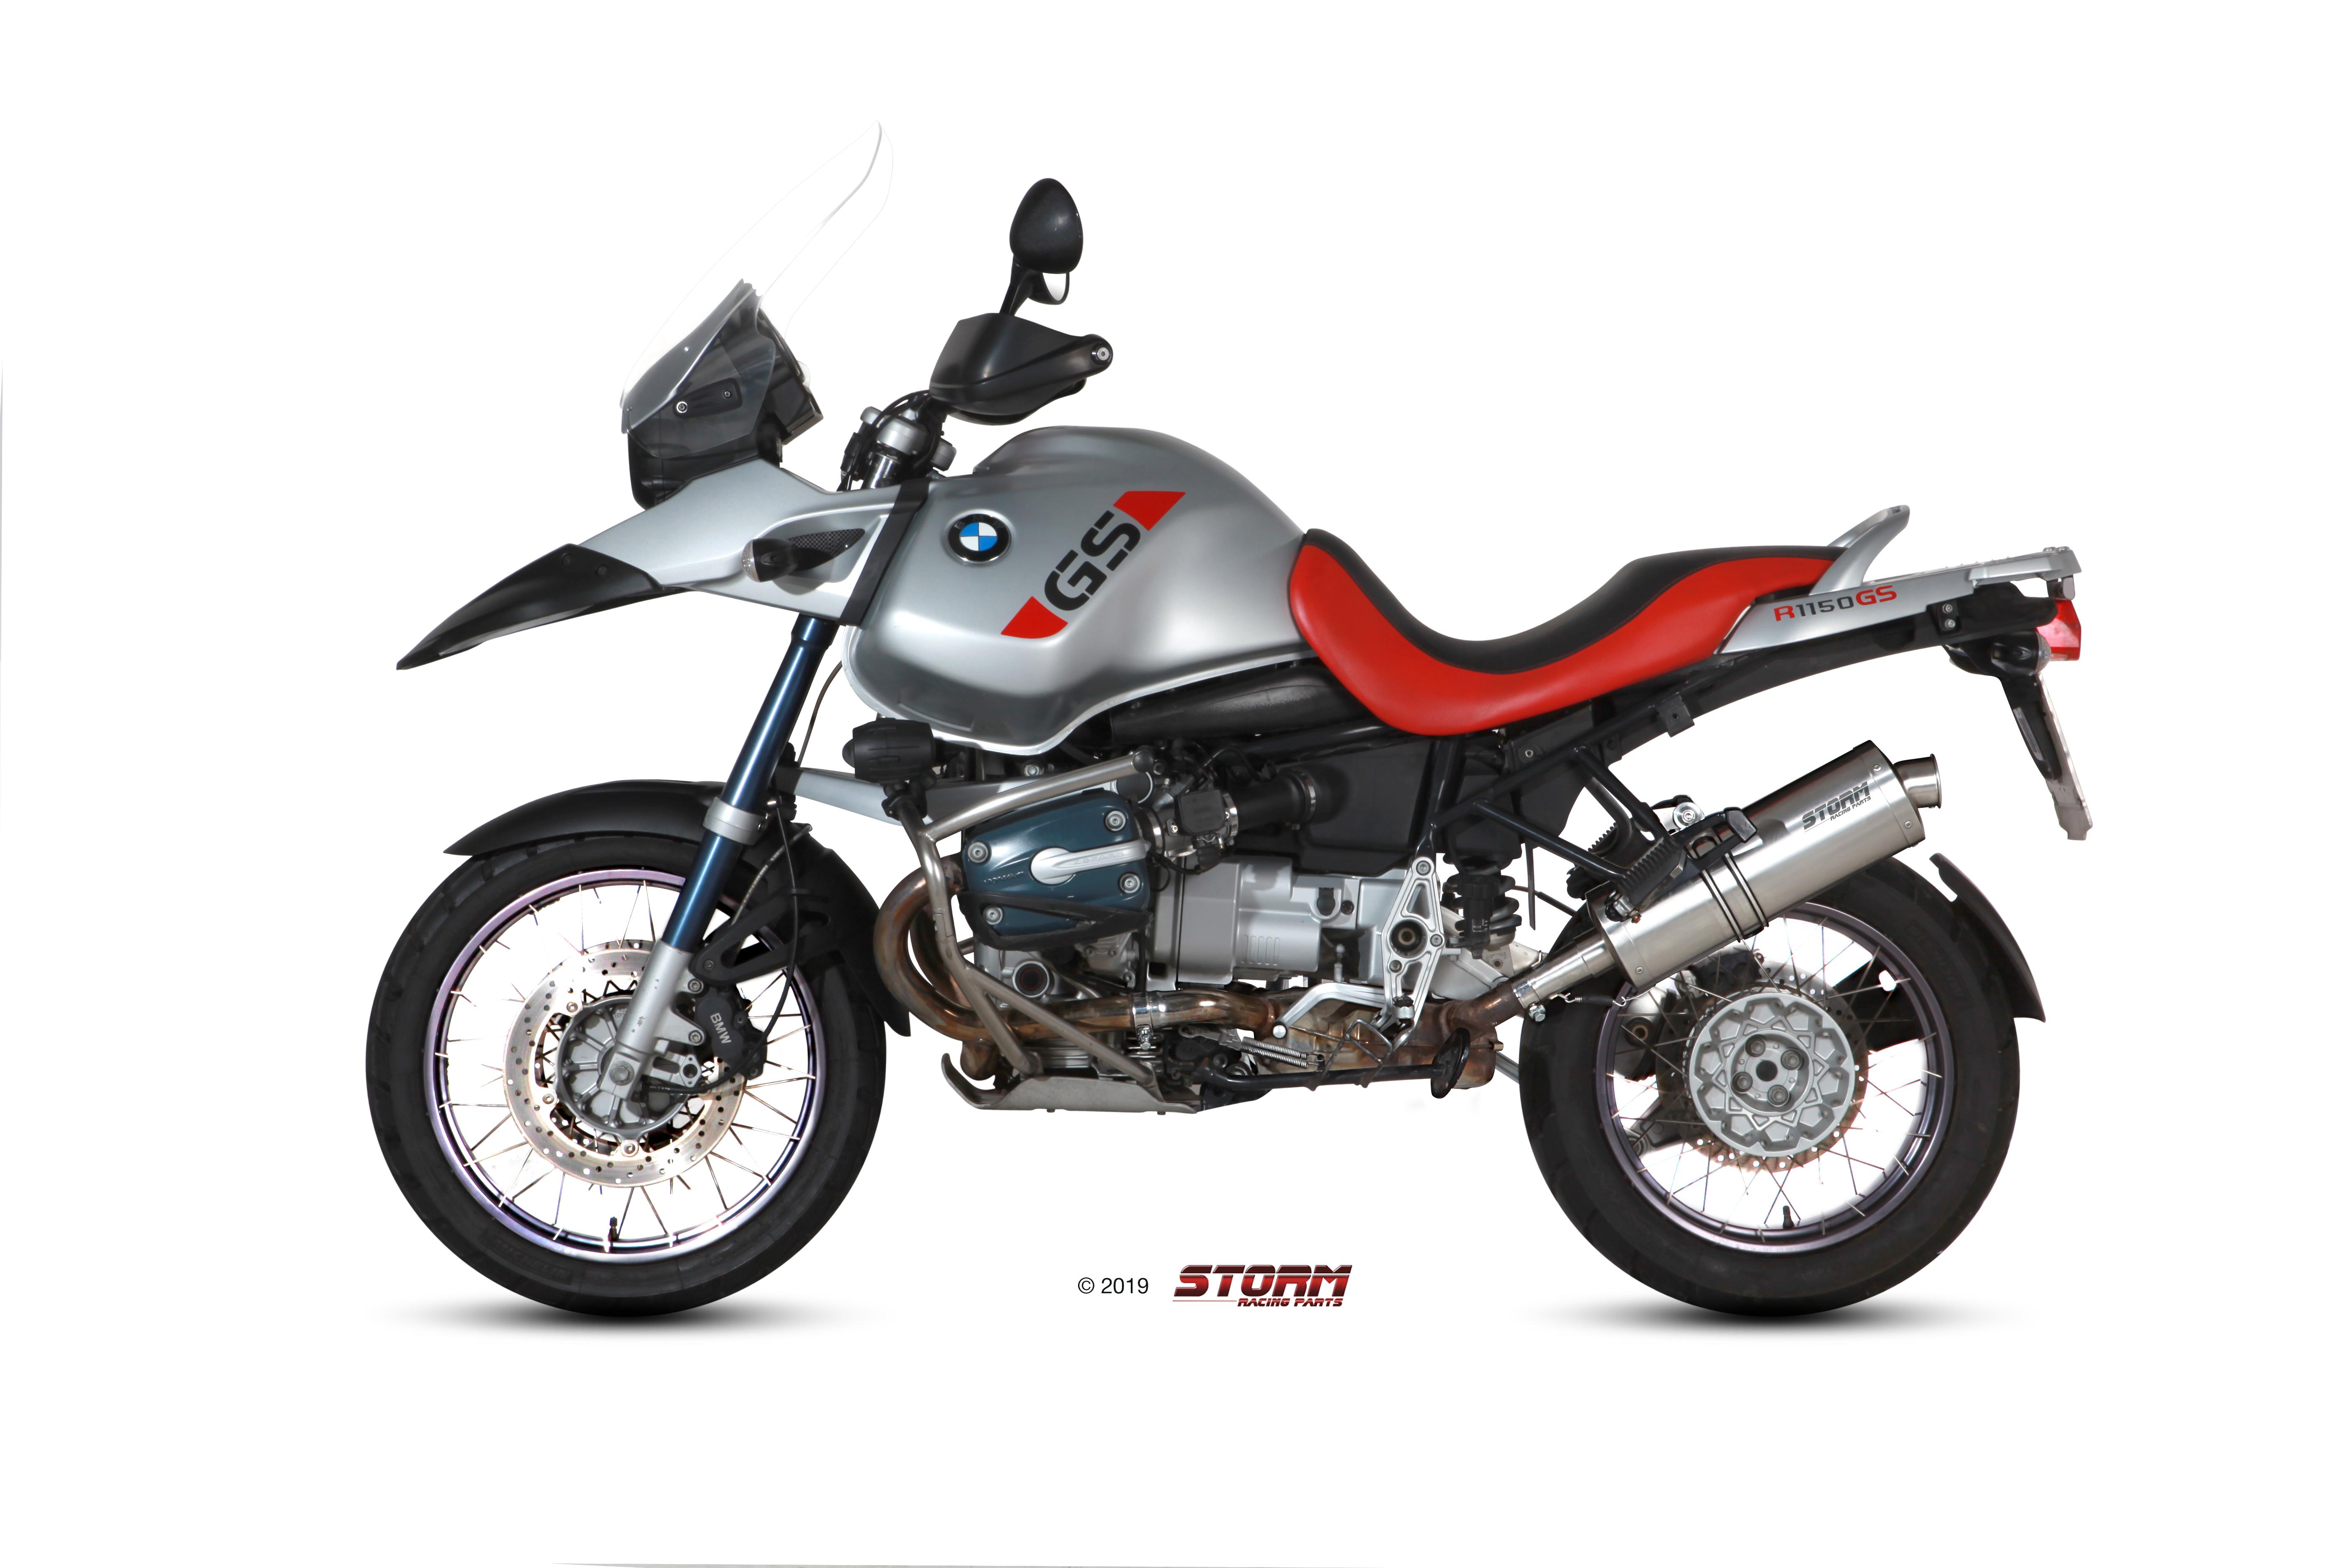 Scarico BMW R 1150 GS / ADVENTURE Storm Oval Inox 74.B.015.LX2